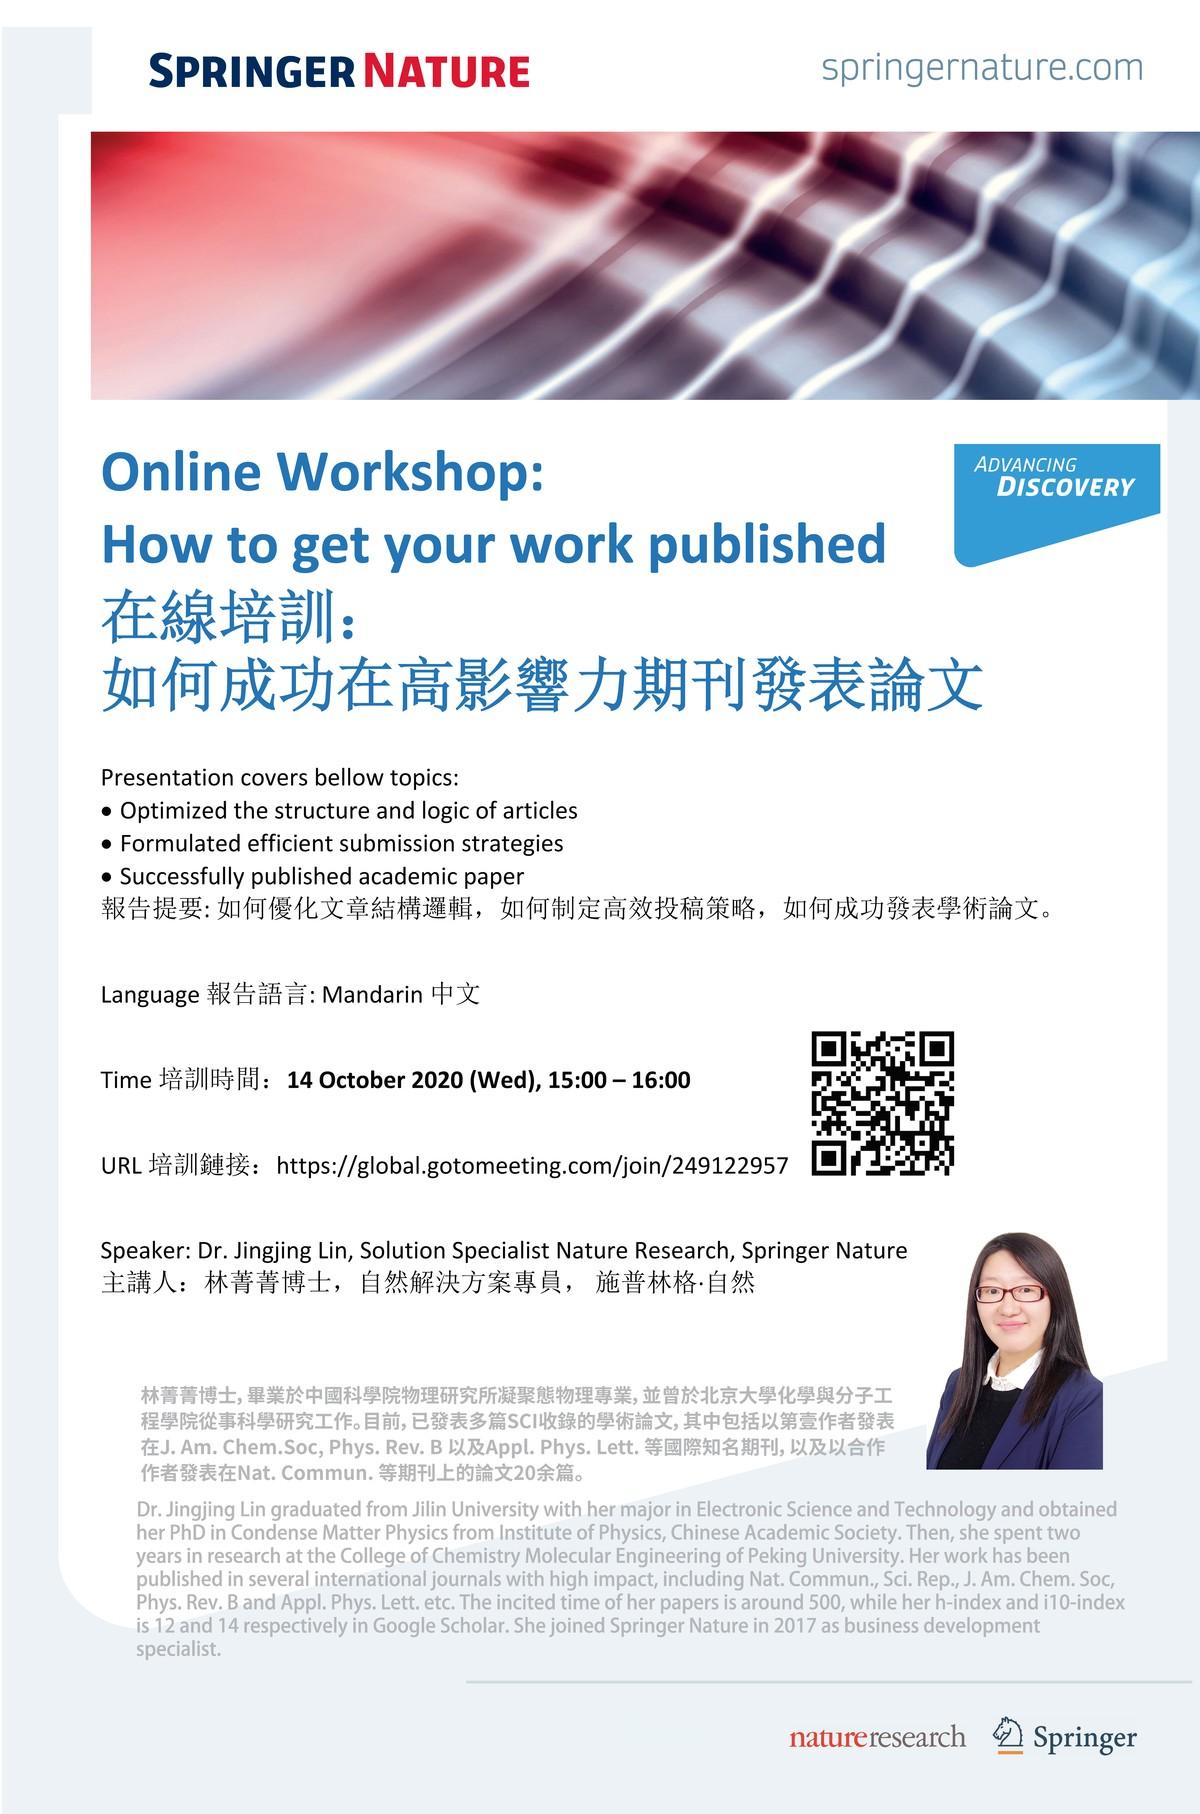 Springer Nature Online Workshop: How to Get Your Work Published